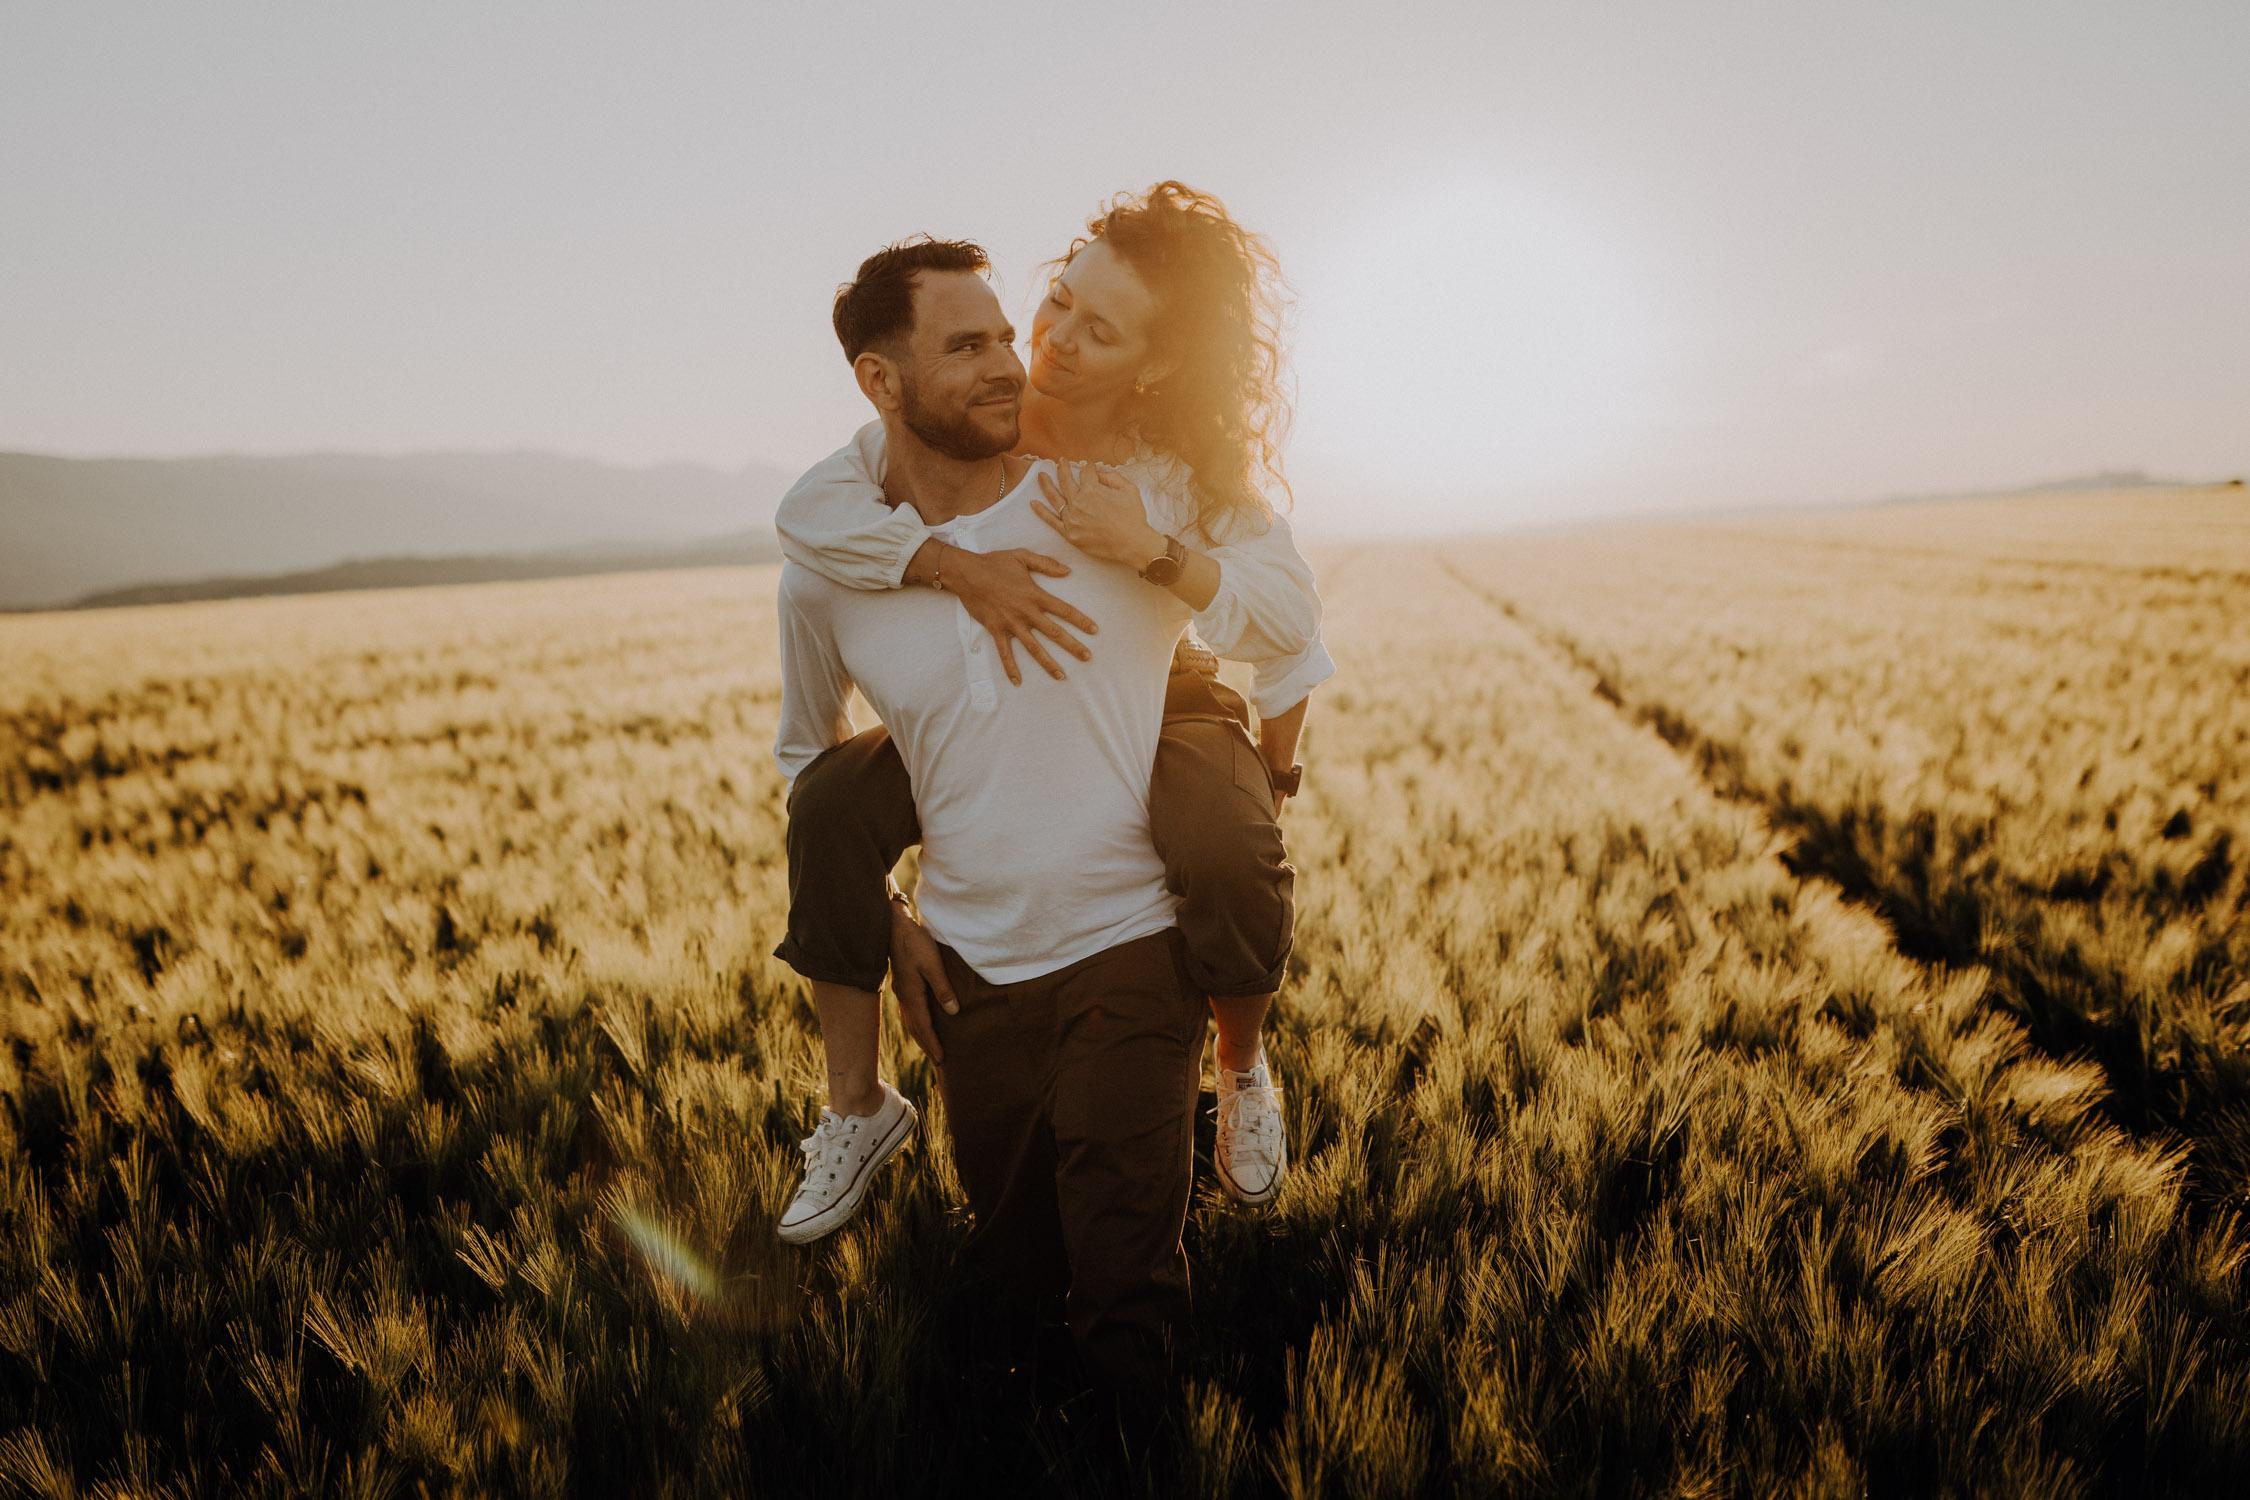 Verlobungsshooting in Bern Paarshooting natürlich ungestellt Schweiz Hochzeitsfotografin Weizenfeld Gegenlicht authentisch keine Posen Huckepack